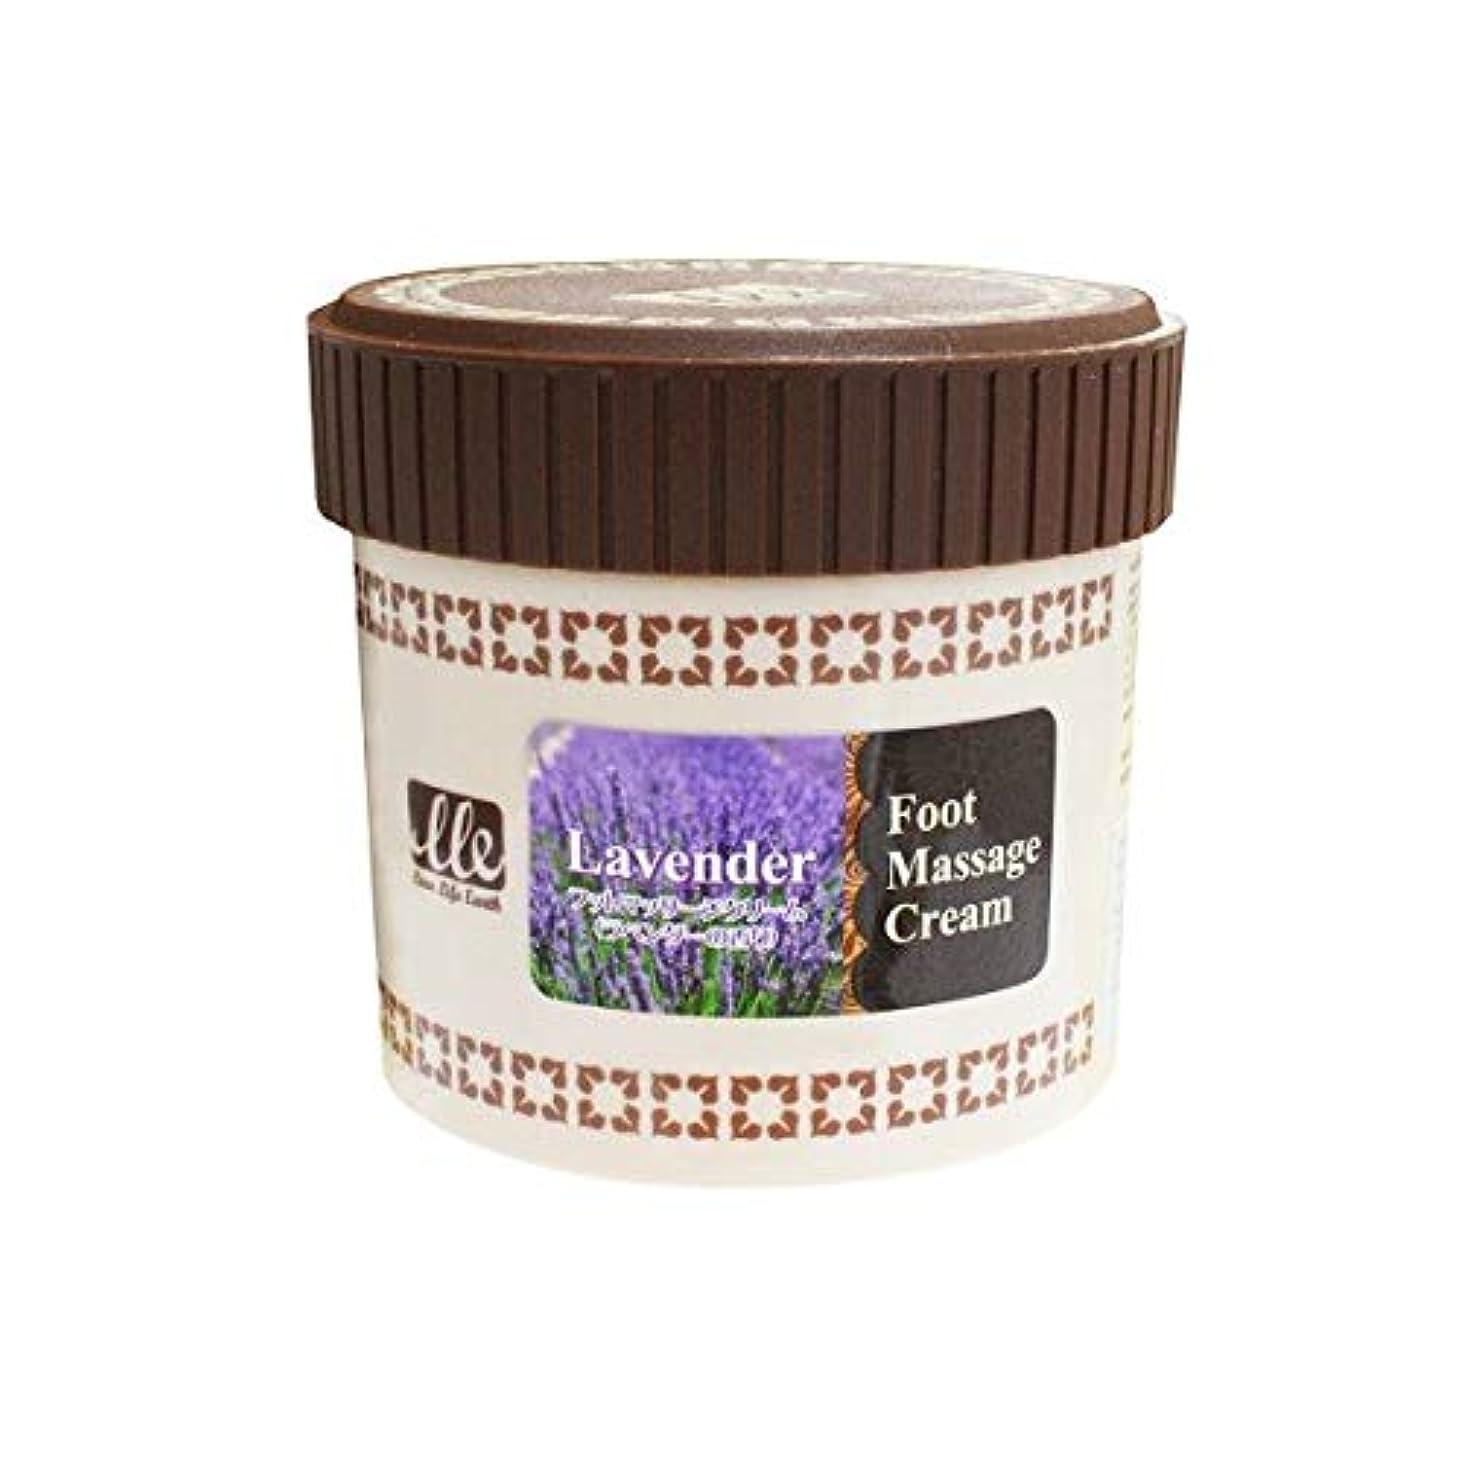 逆さまに治安判事柔らかい足LLE フットマッサージクリーム 業務用 450g (ラベンダー) マッサージクリーム フットマッサージクリーム エステ用品